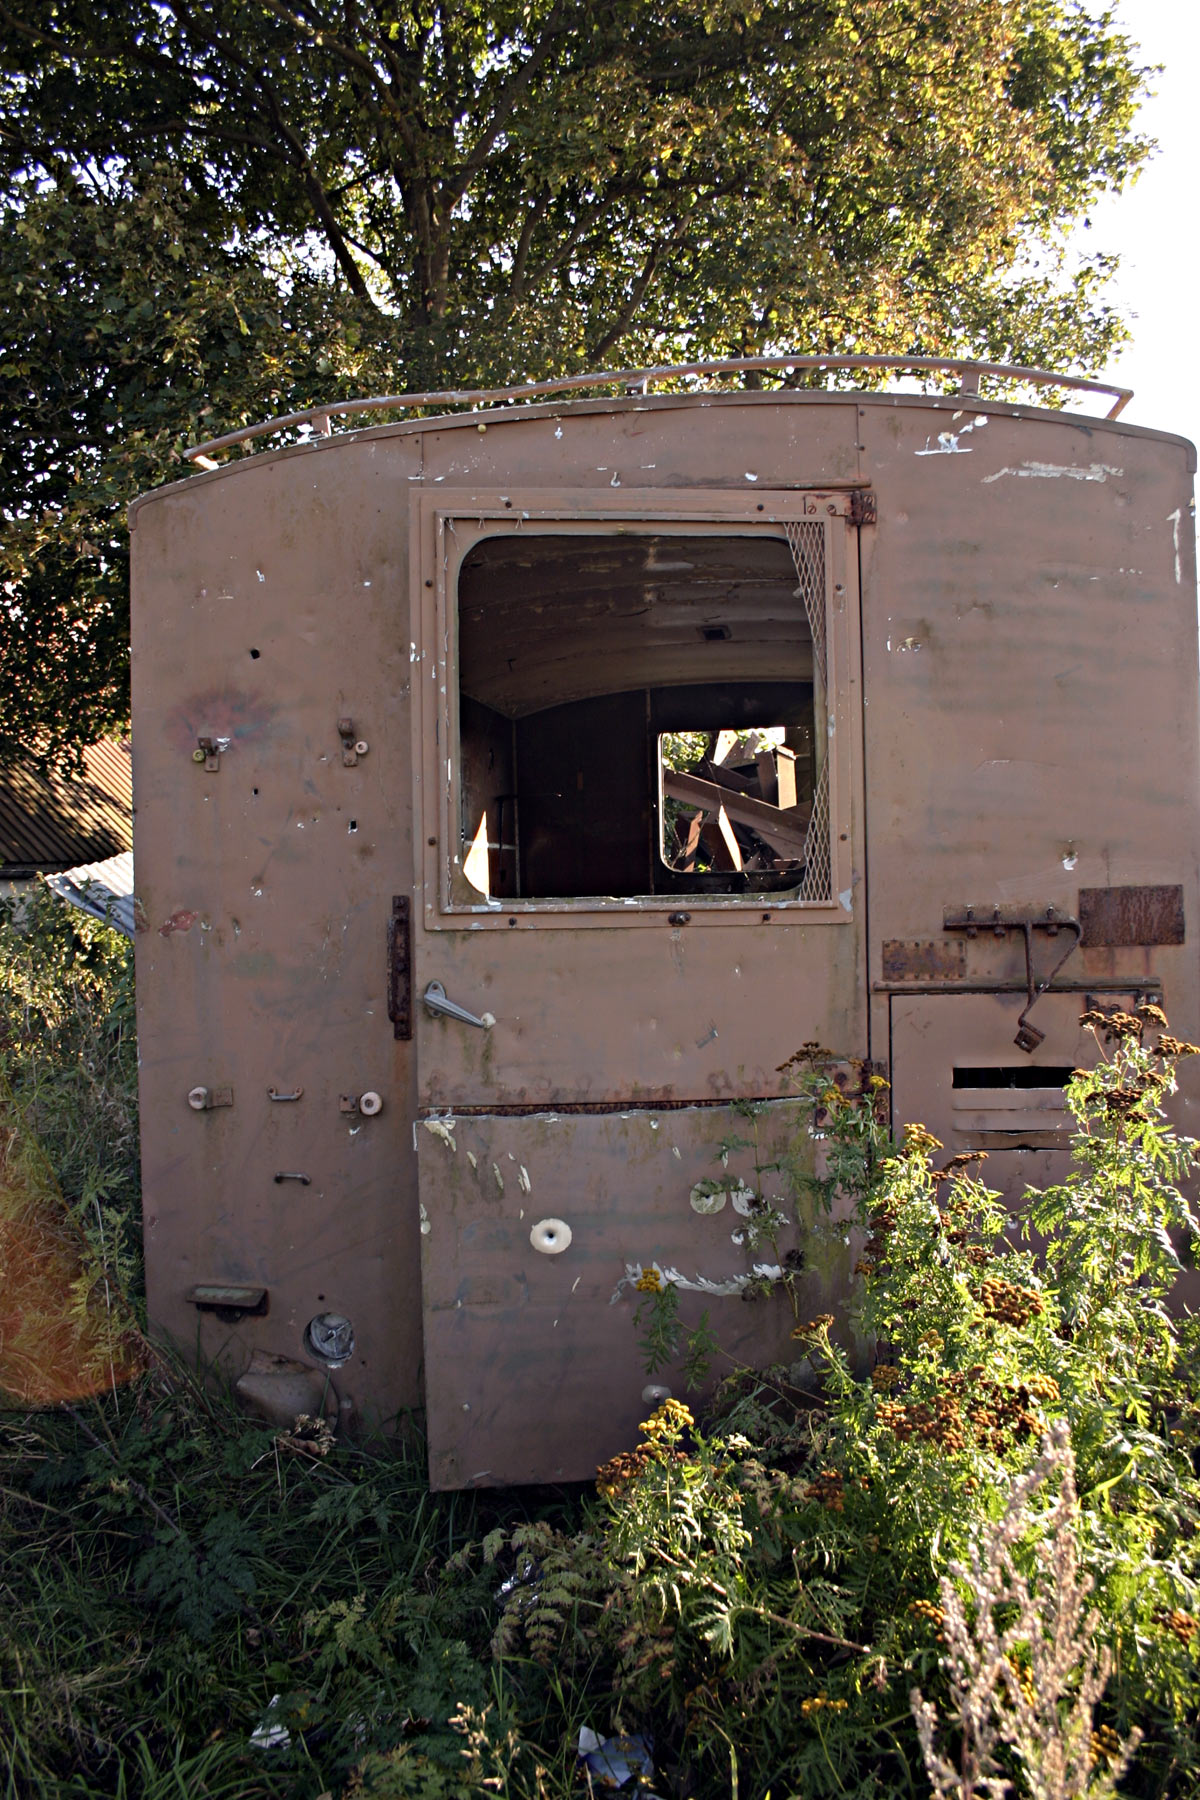 Old trailer, Door, Handle, Metallic, Old, HQ Photo